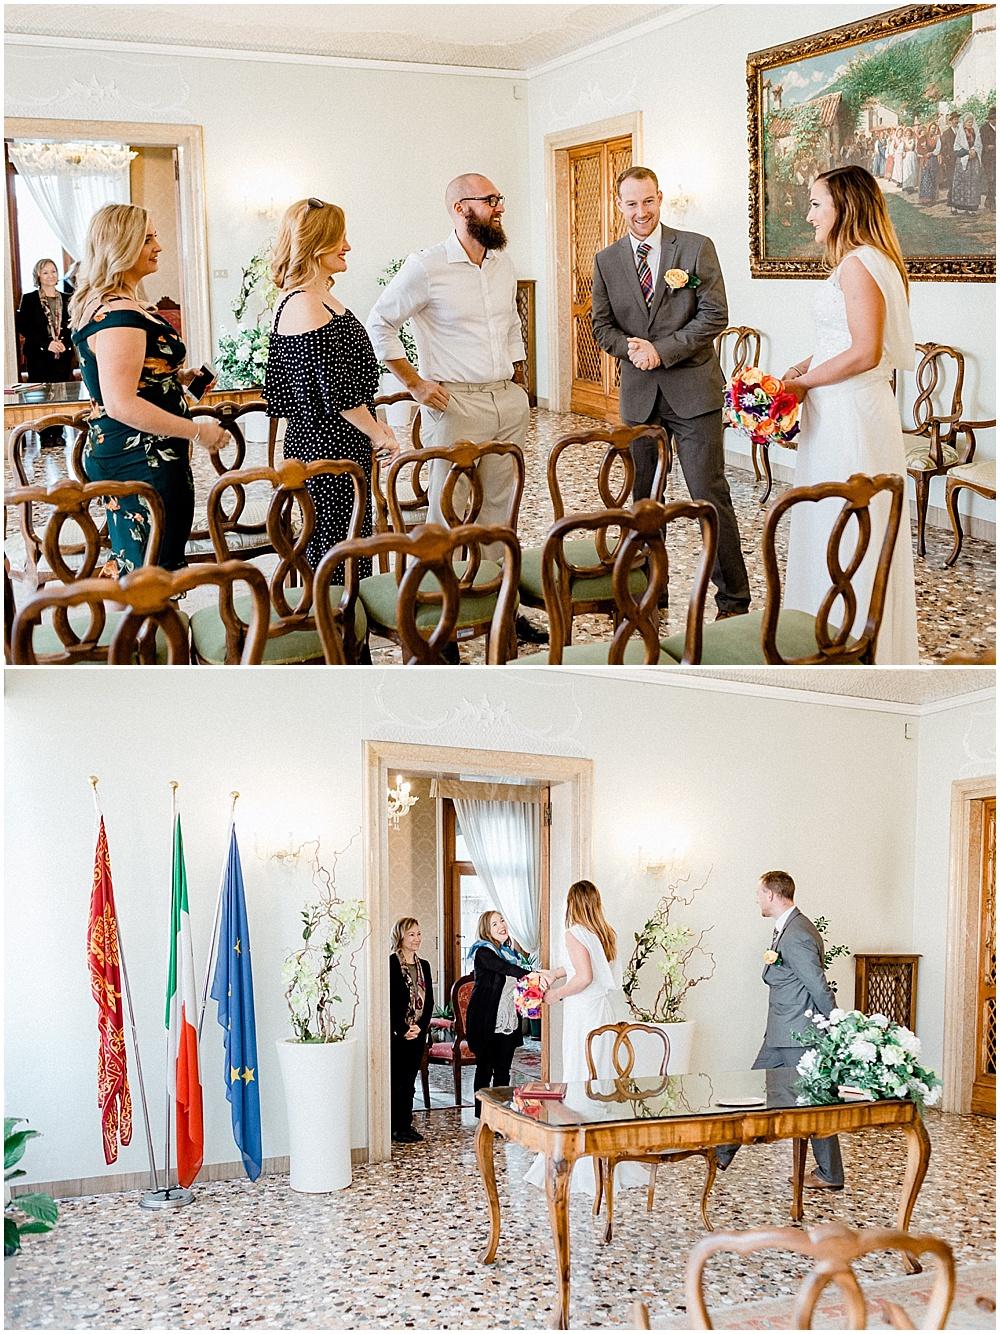 Venice-italy-wedding-photographer-stefano-degirmenci_0563.jpg